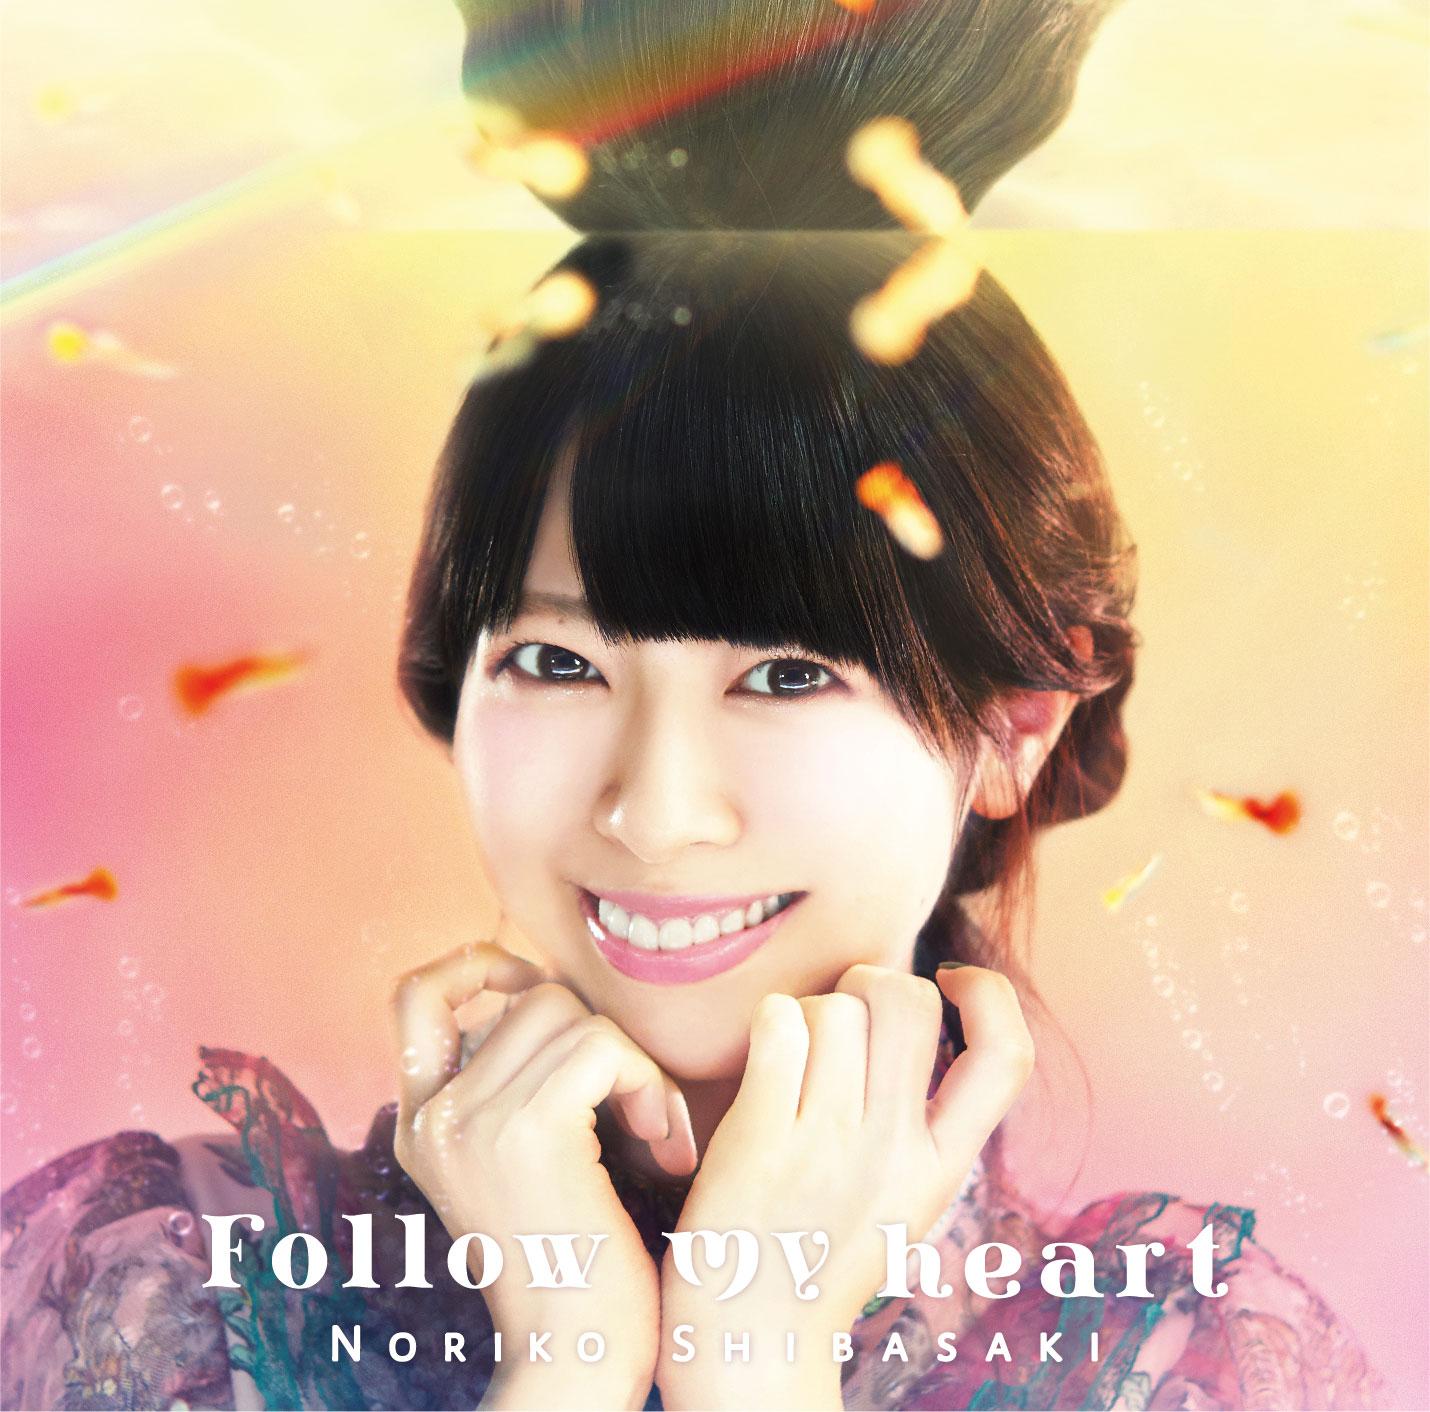 芝崎典子「Follow my heart」【通常盤】